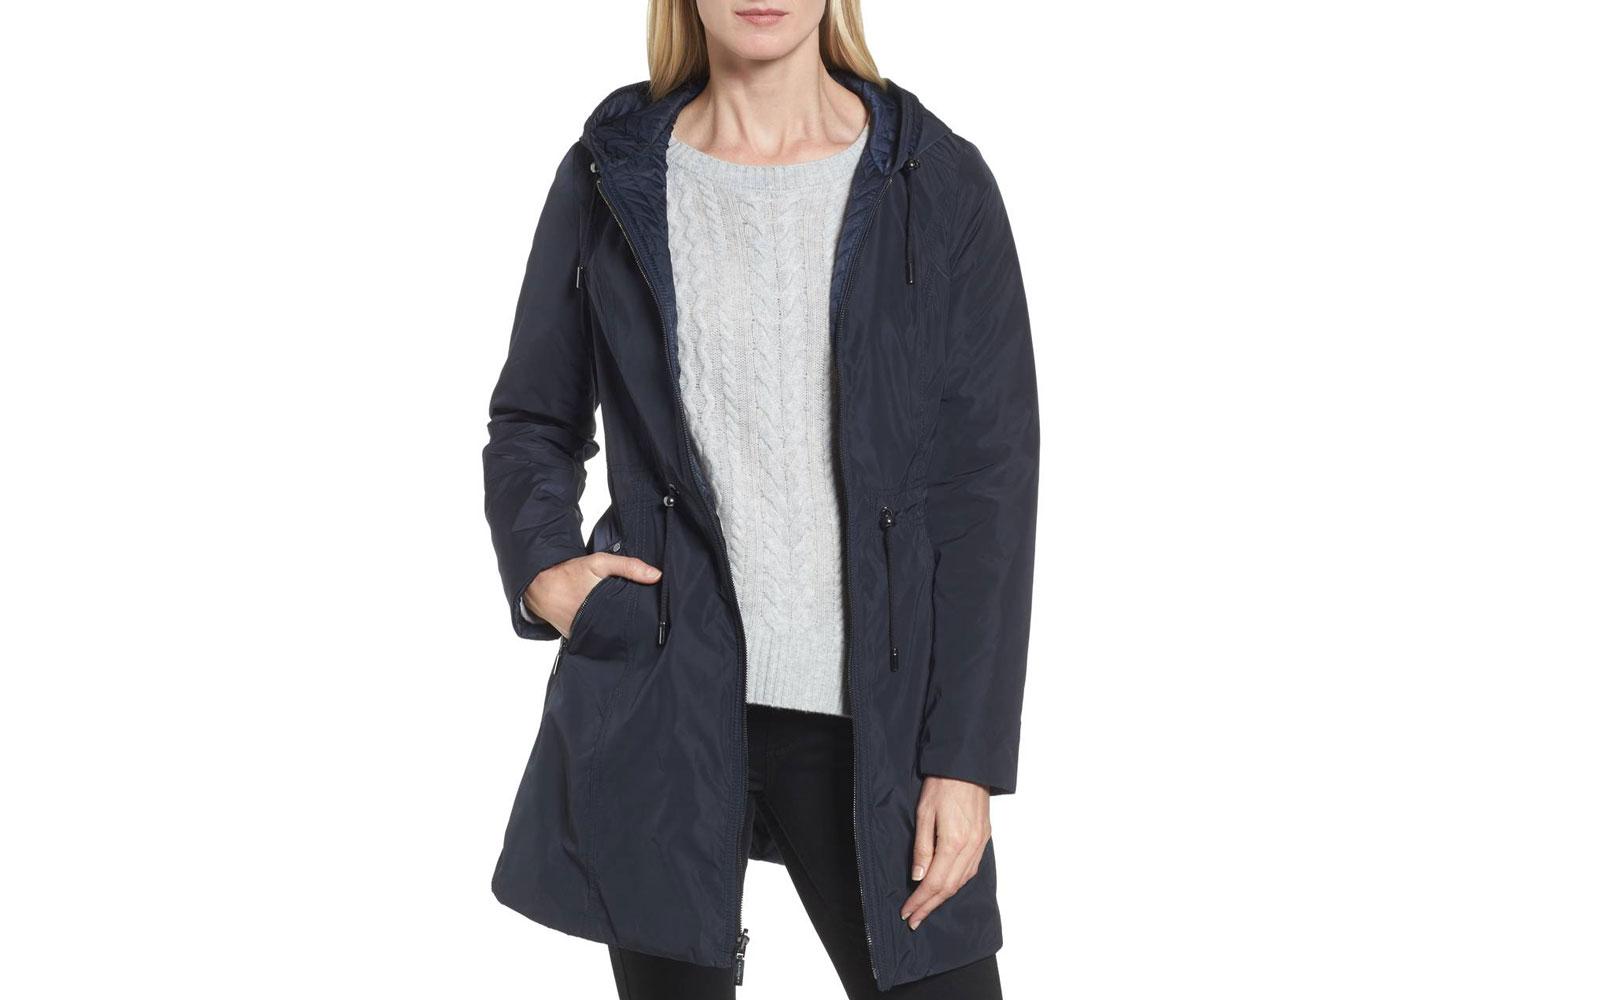 Laundry by Shelli Segal Women's Hooded Reversible Windbreaker Jacket